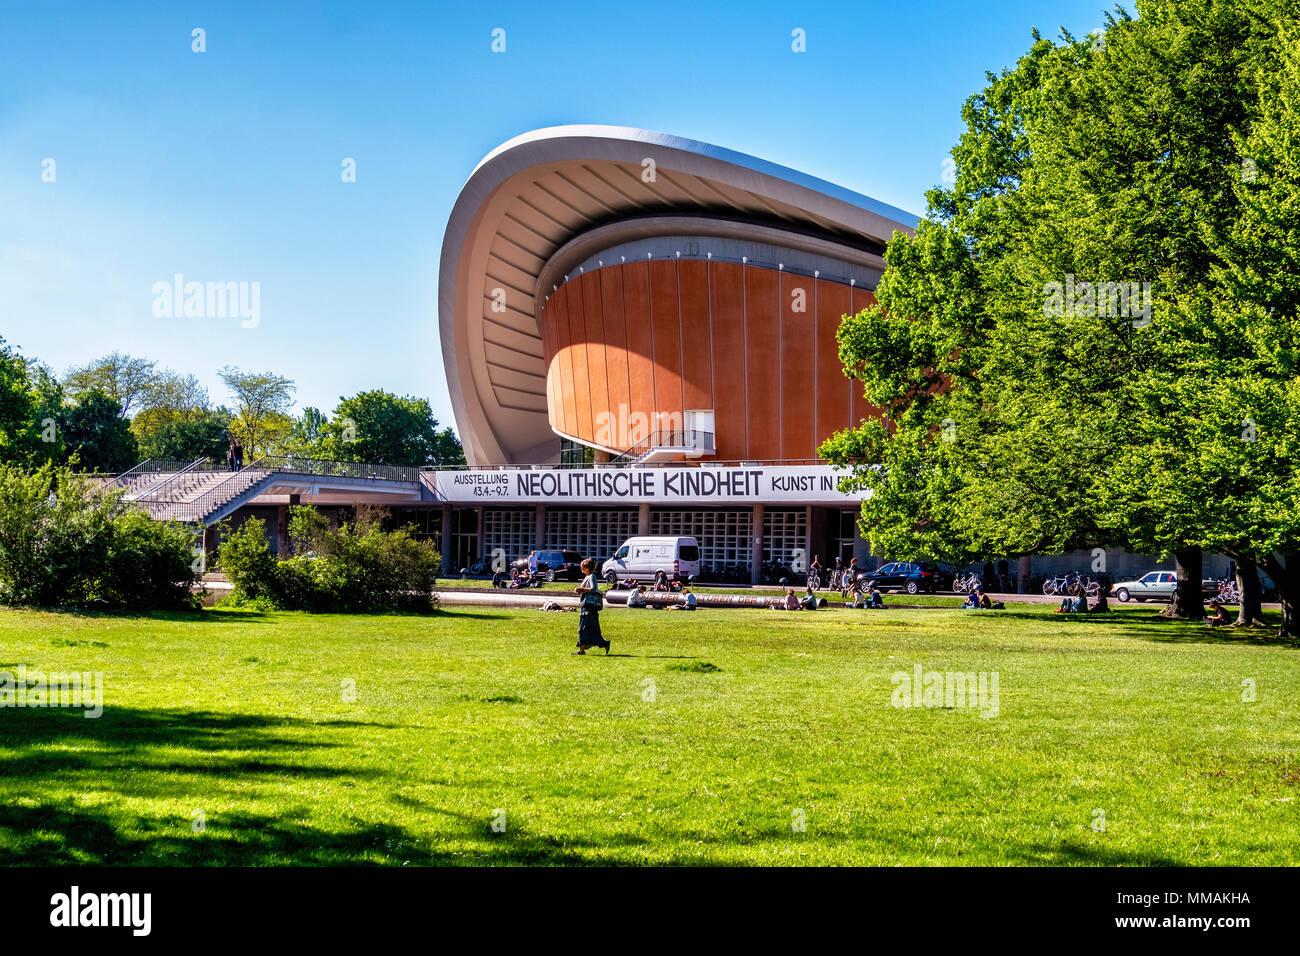 Berlin, le Tiergarten. L'HKW {Haus der Kulturen der Welt) à côté de la rivière Spree. Lieu de concerts, expositions, conférences, théâtre et danse. Photo Stock